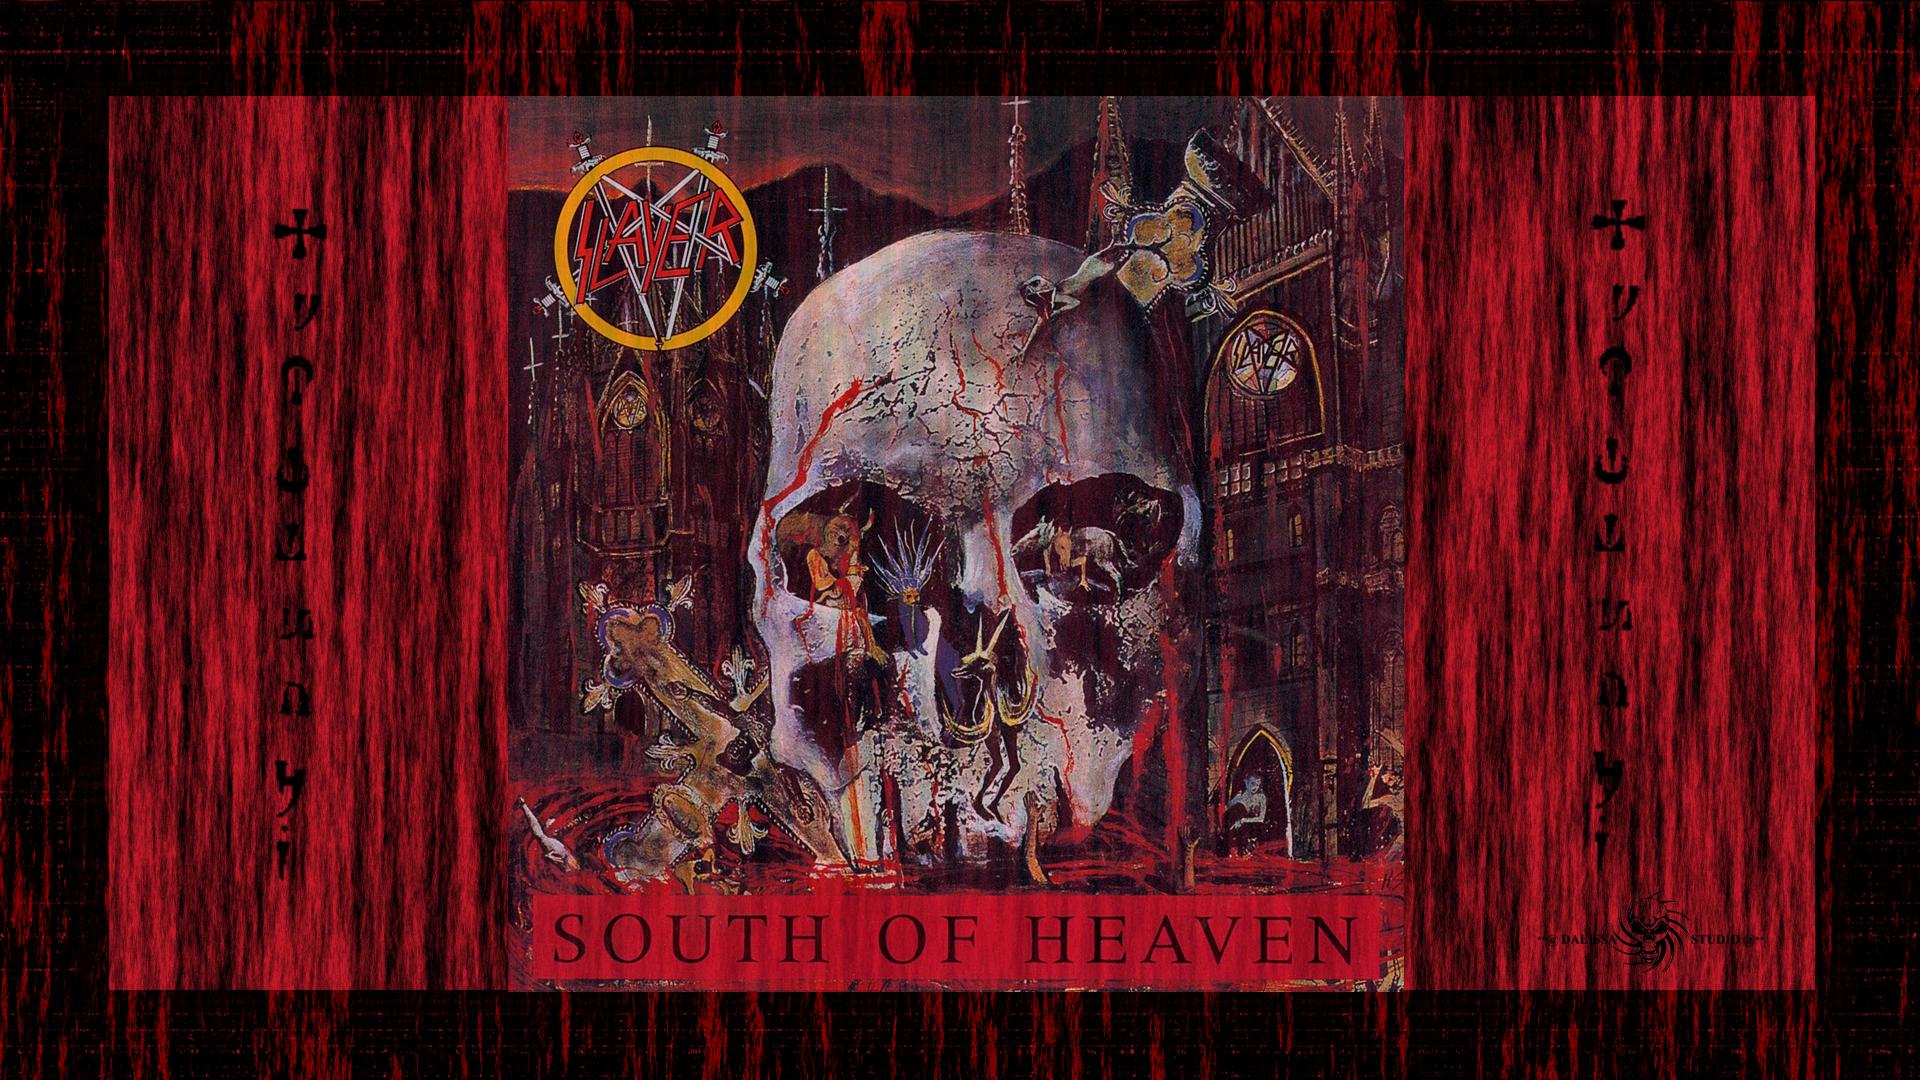 Slayer wallpaper 1920x1080 wallpapersafari - Death metal wallpaper ...